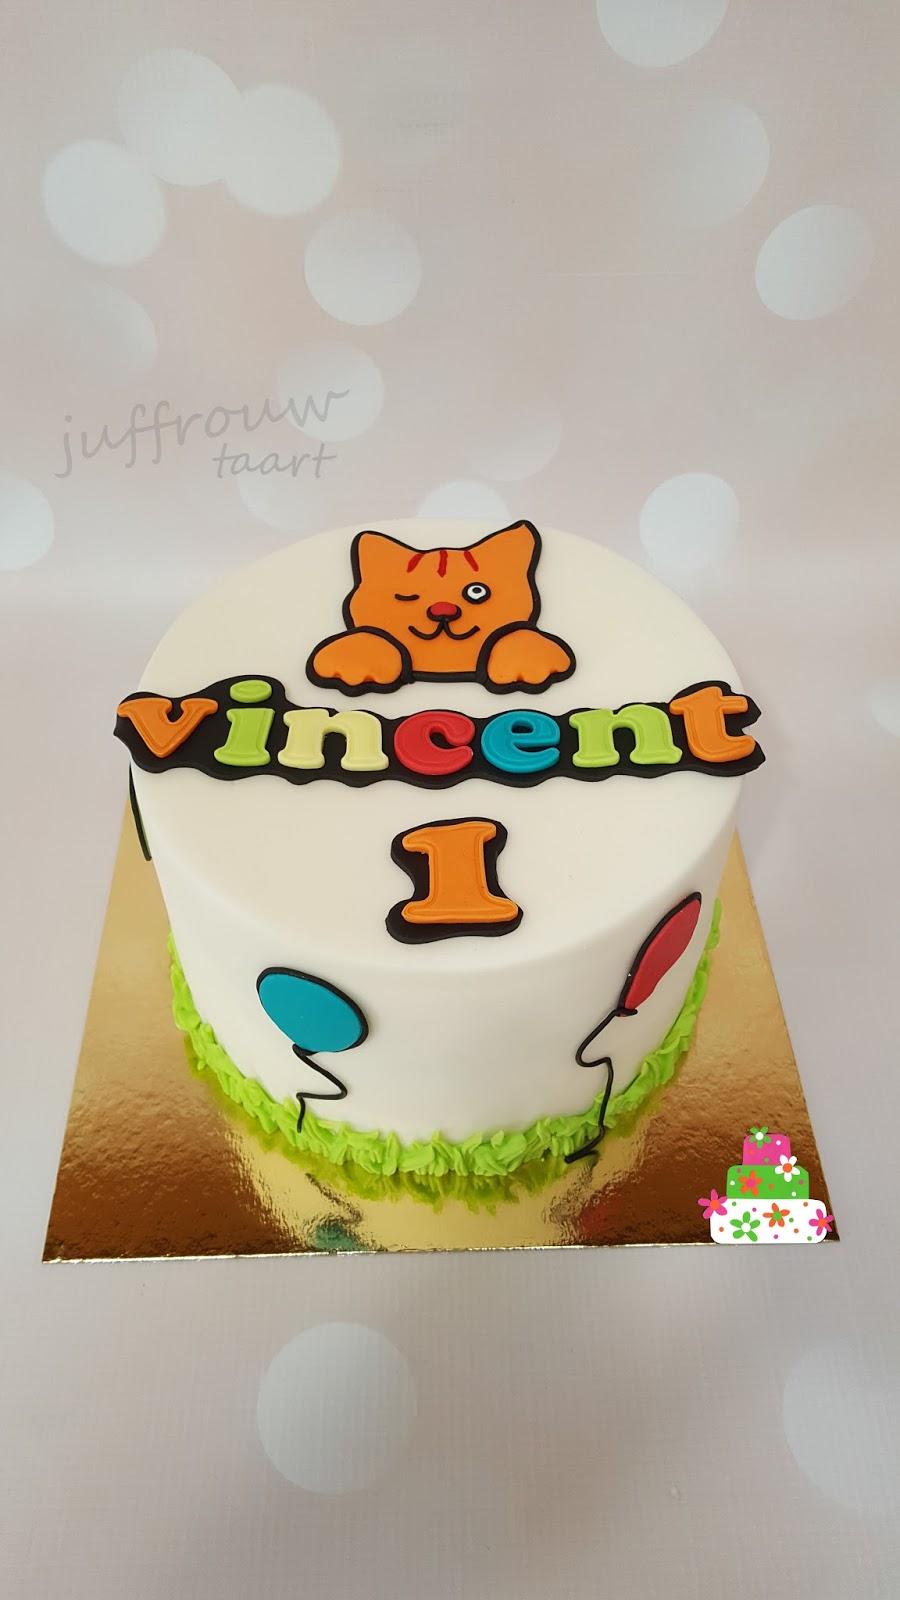 Favoriete dikkie dik taart Archieven - Juffrouw taart winsum &EV48